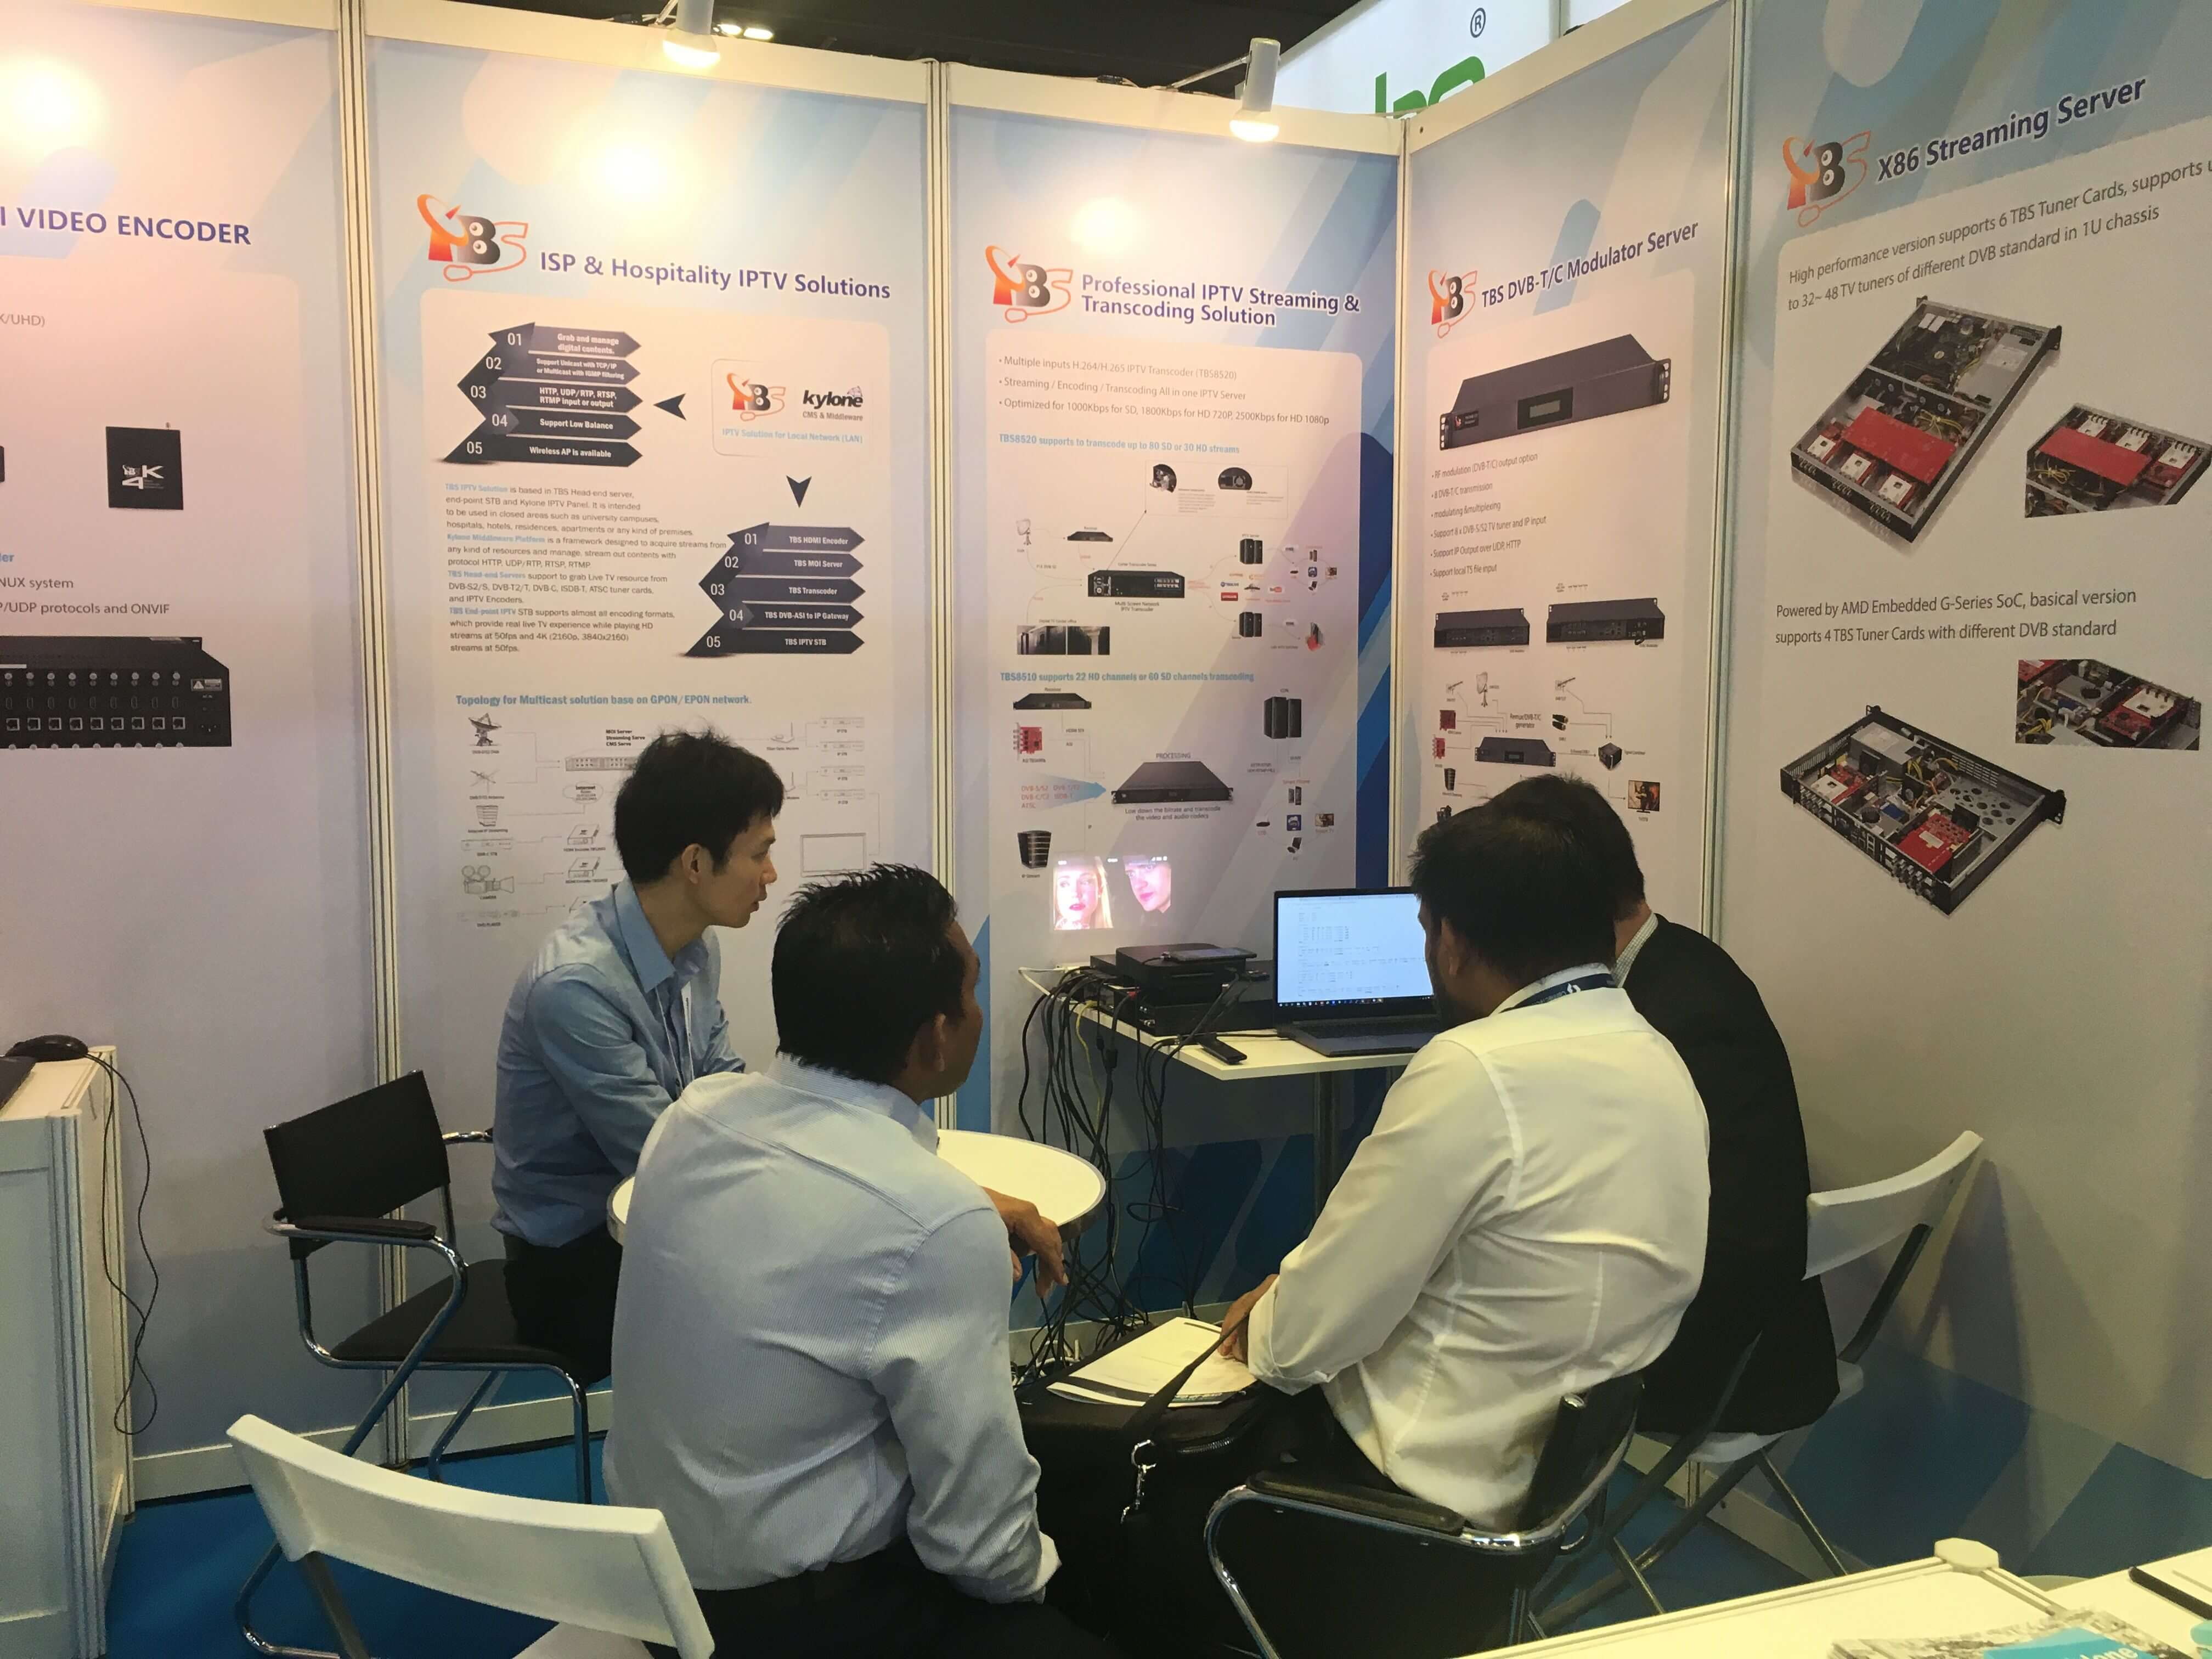 TBS6909 DVB-S2 8 Tuner PCI-e Card – TBS Technologies Blog